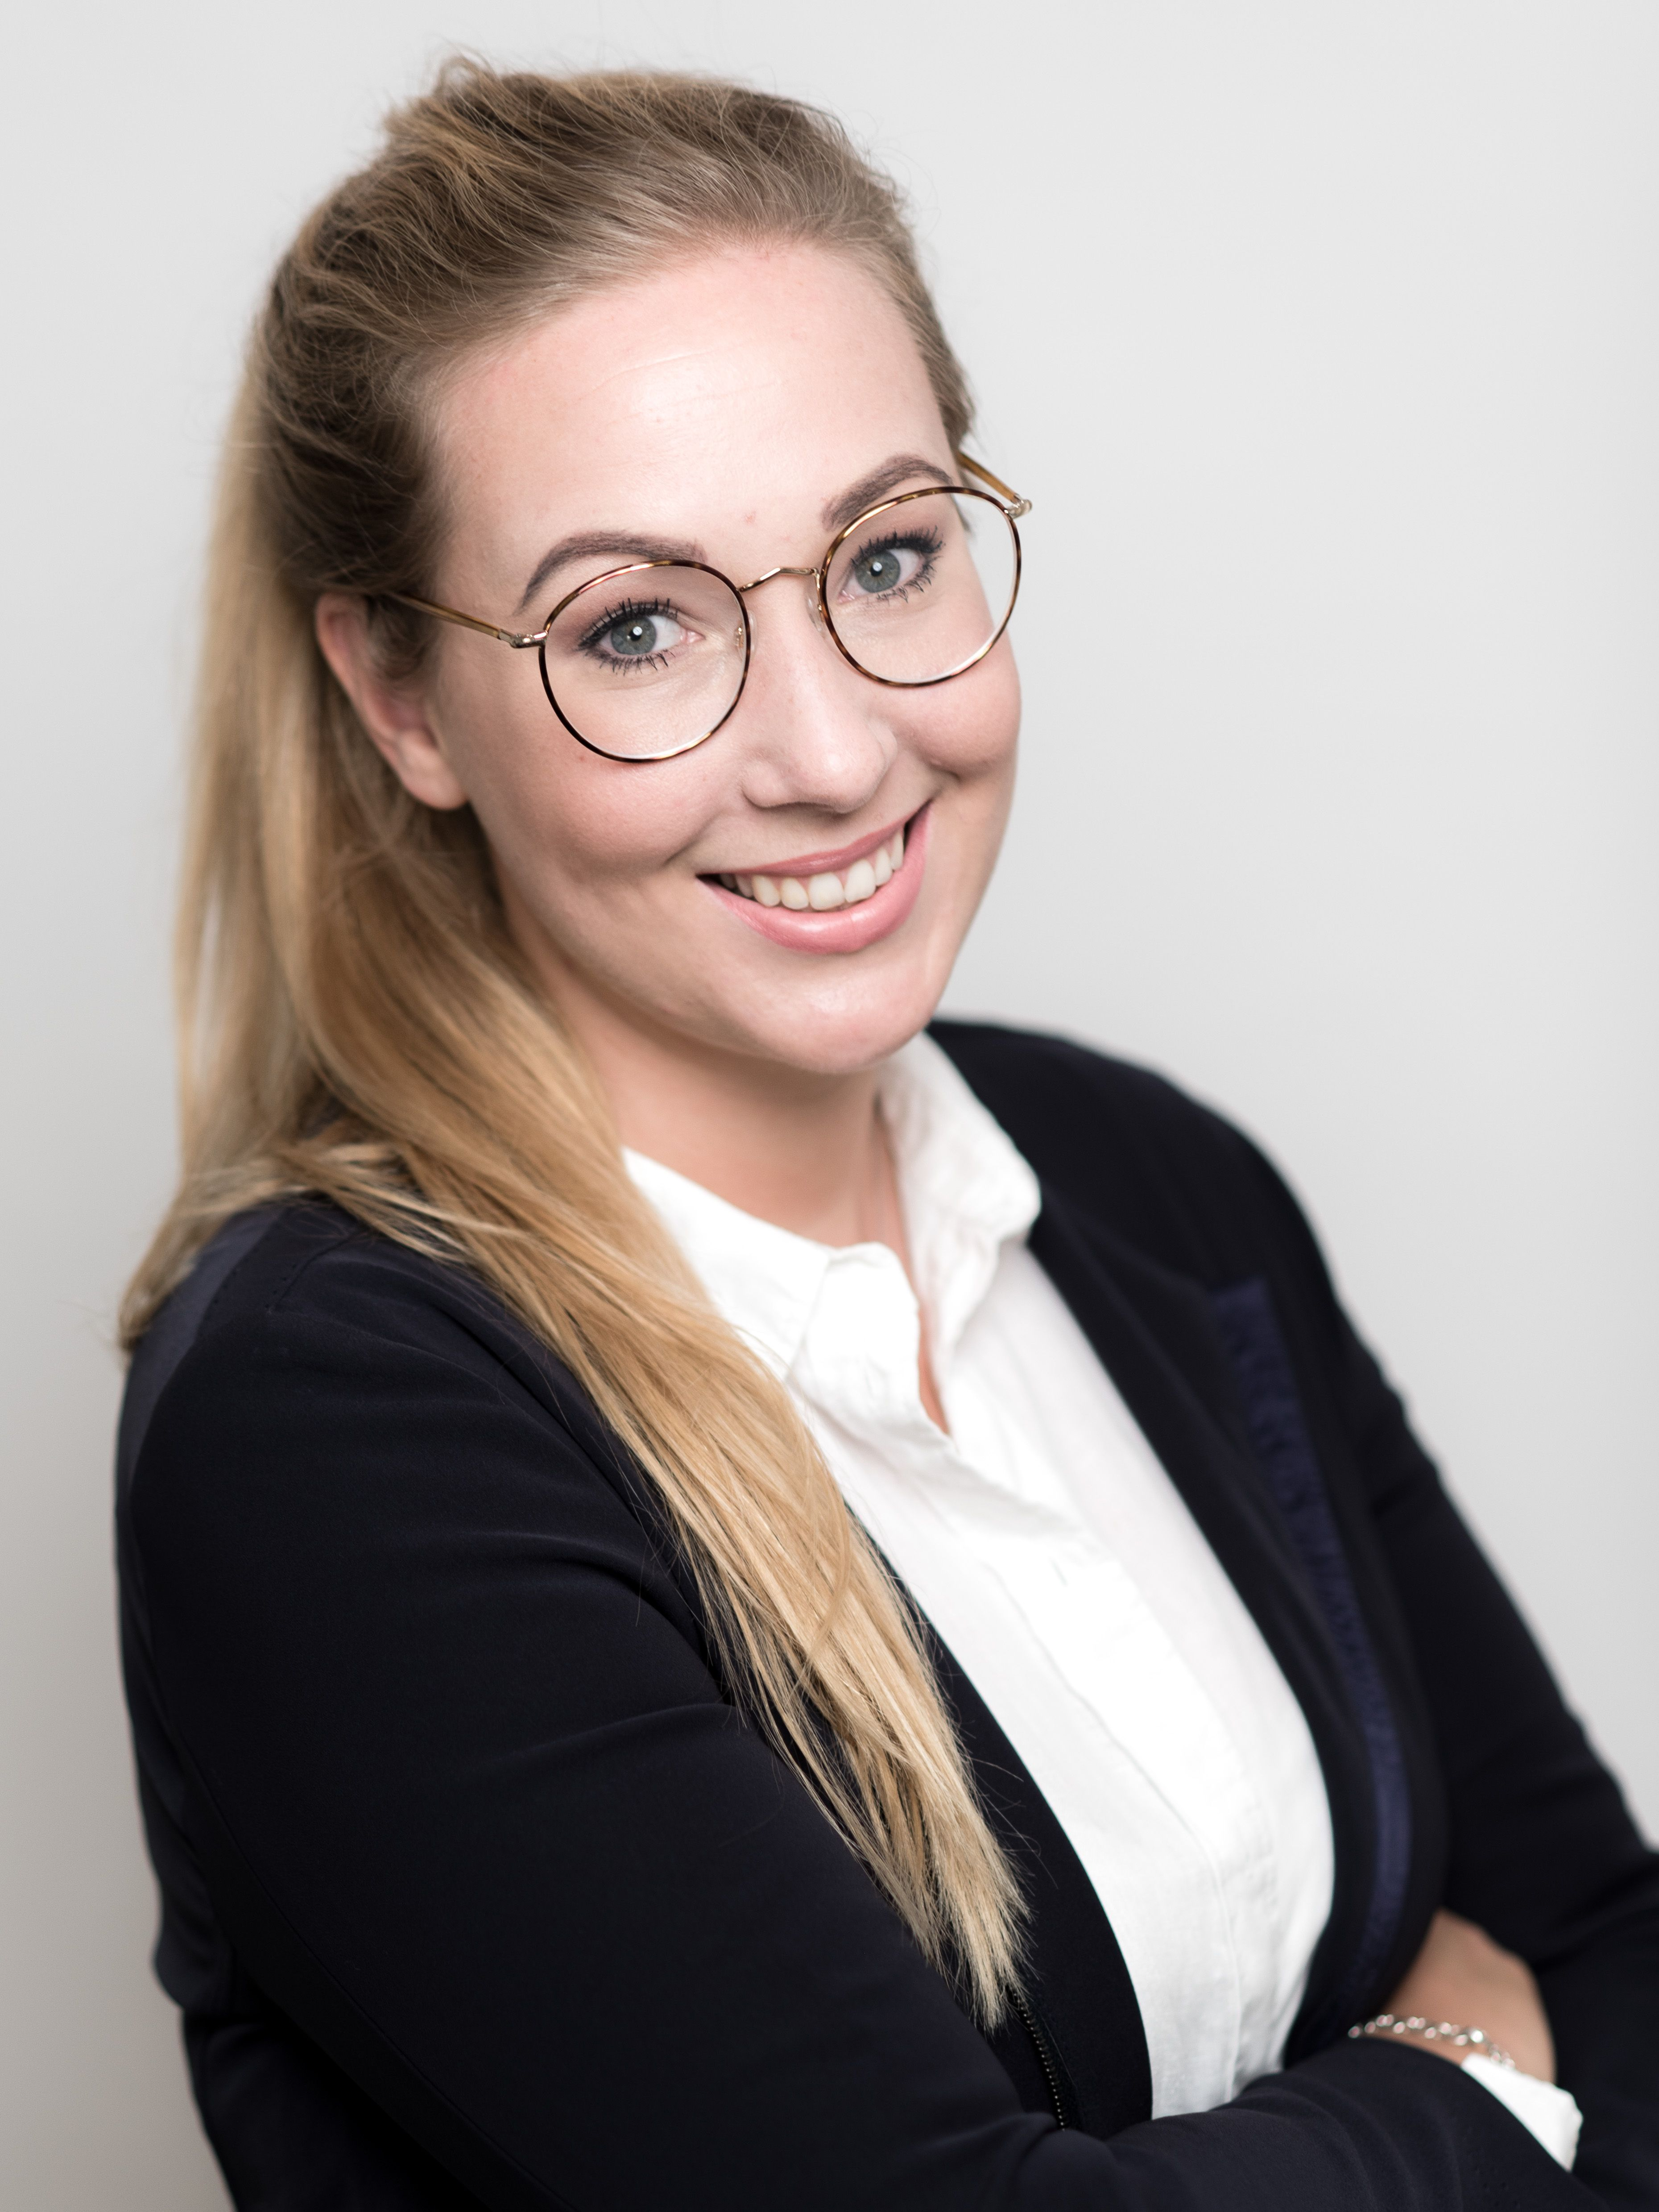 Elisabeth Brechmann